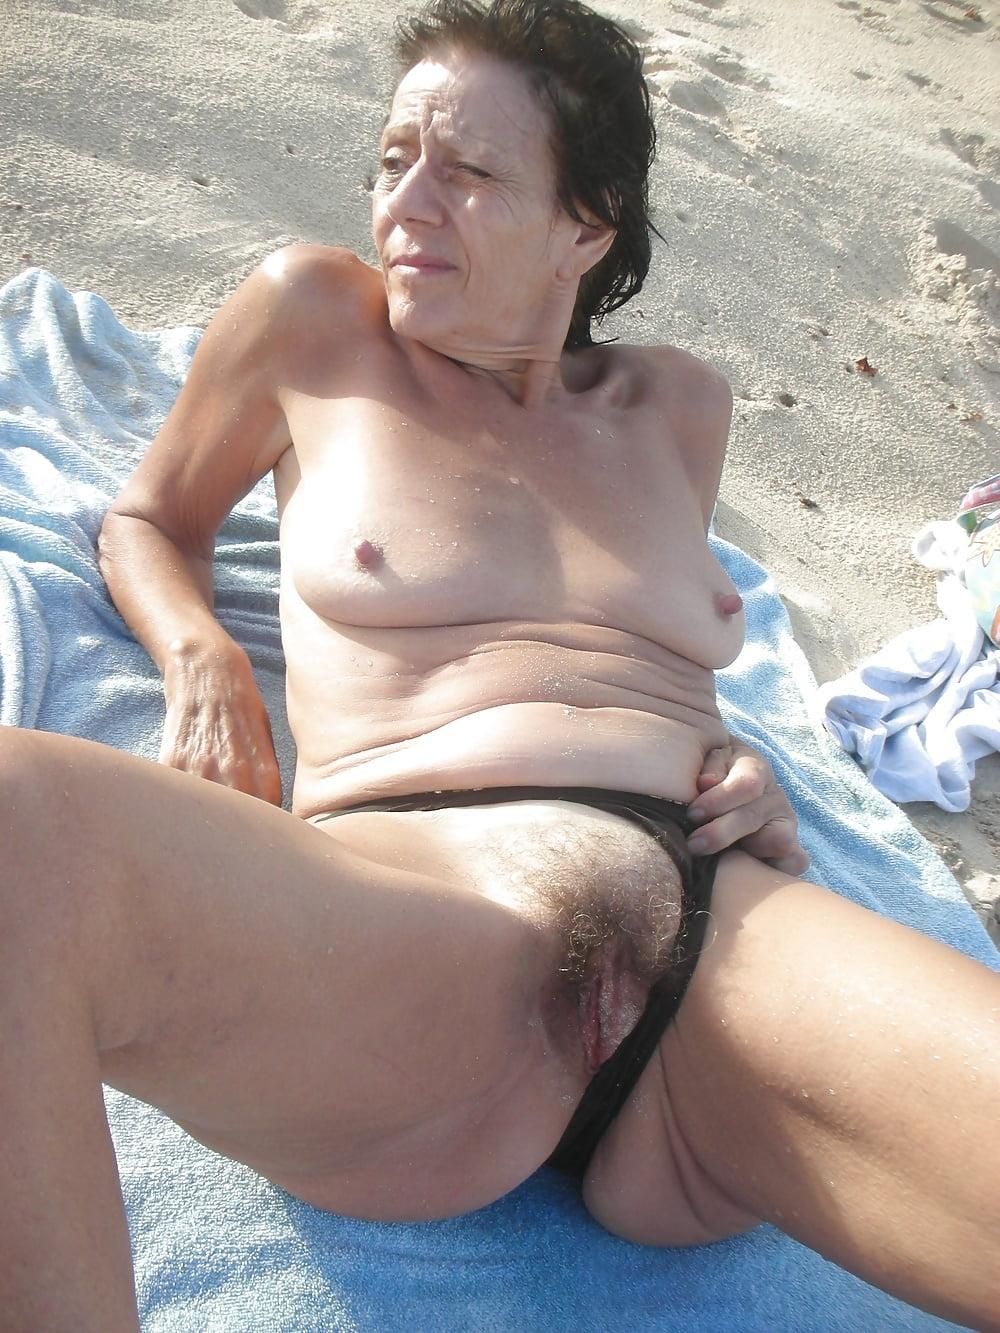 Chick wordt opgepikt op het strand - 1 5